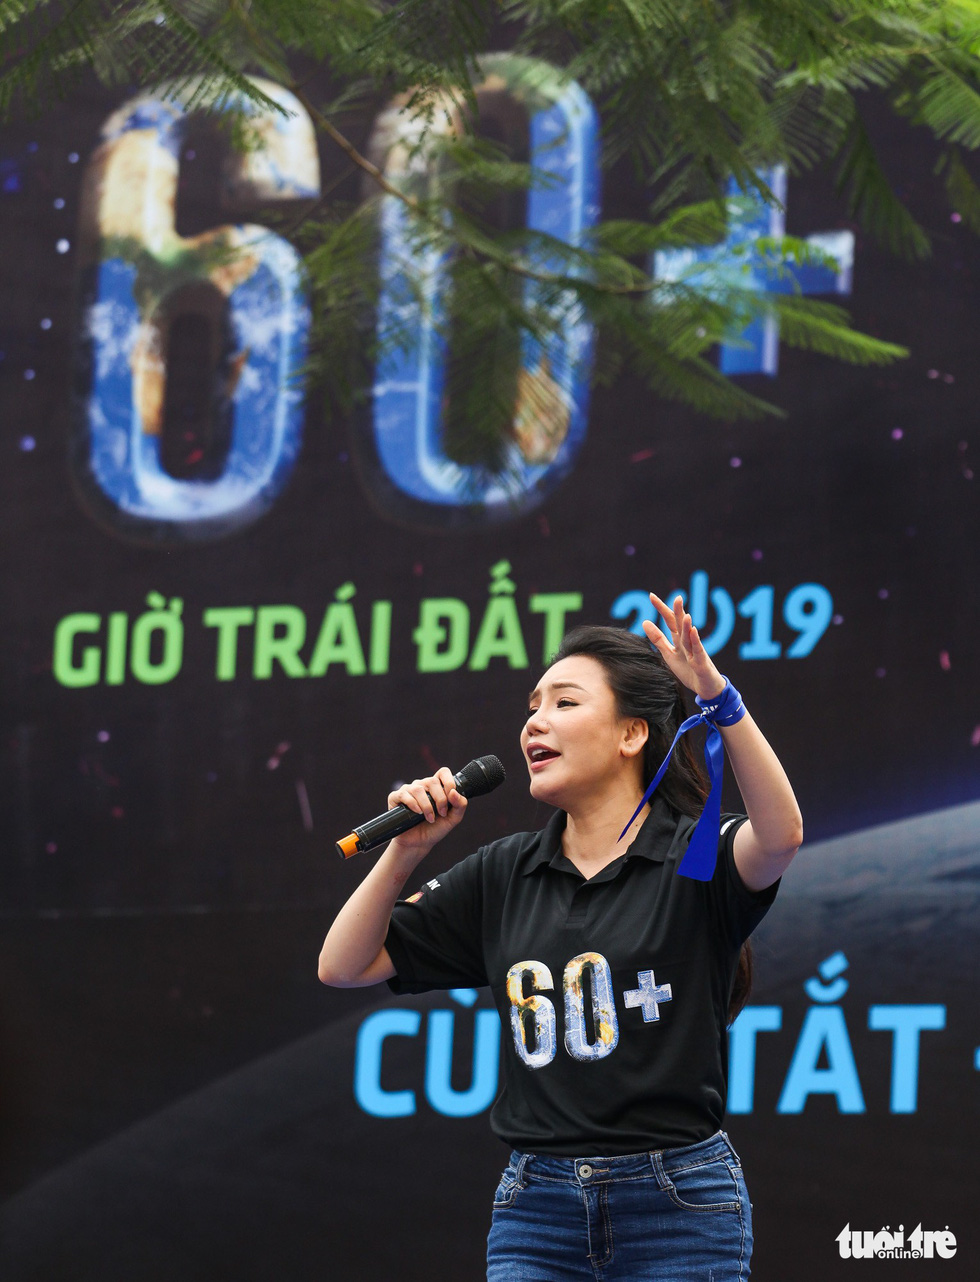 Hoa hậu HHen Niê truyền cảm hứng tiết kiệm năng lượng - Ảnh 6.